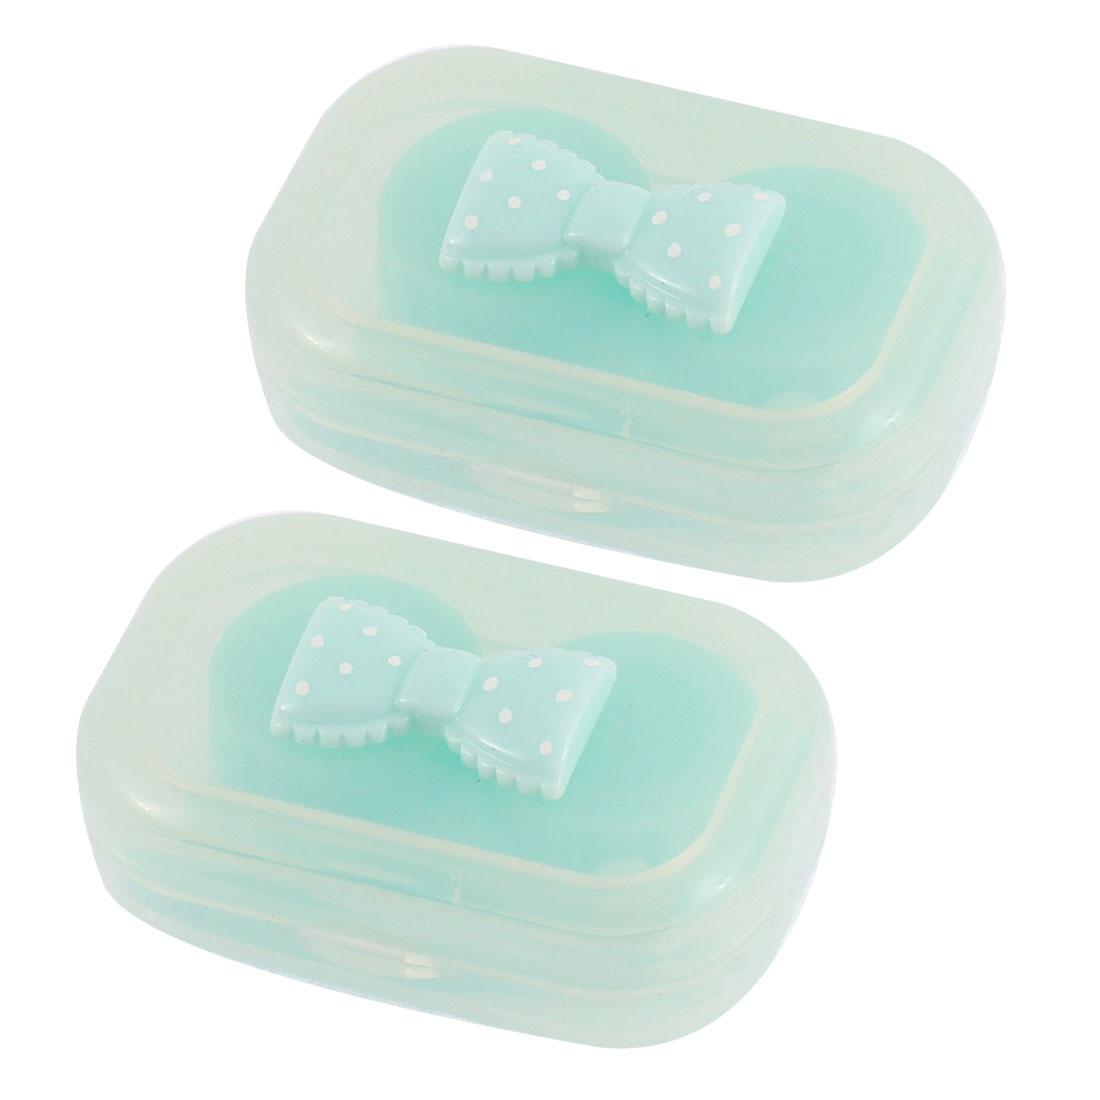 Plastic Bowknot Decor Contact Lens Soak Box Holder Storage Green 2pcs